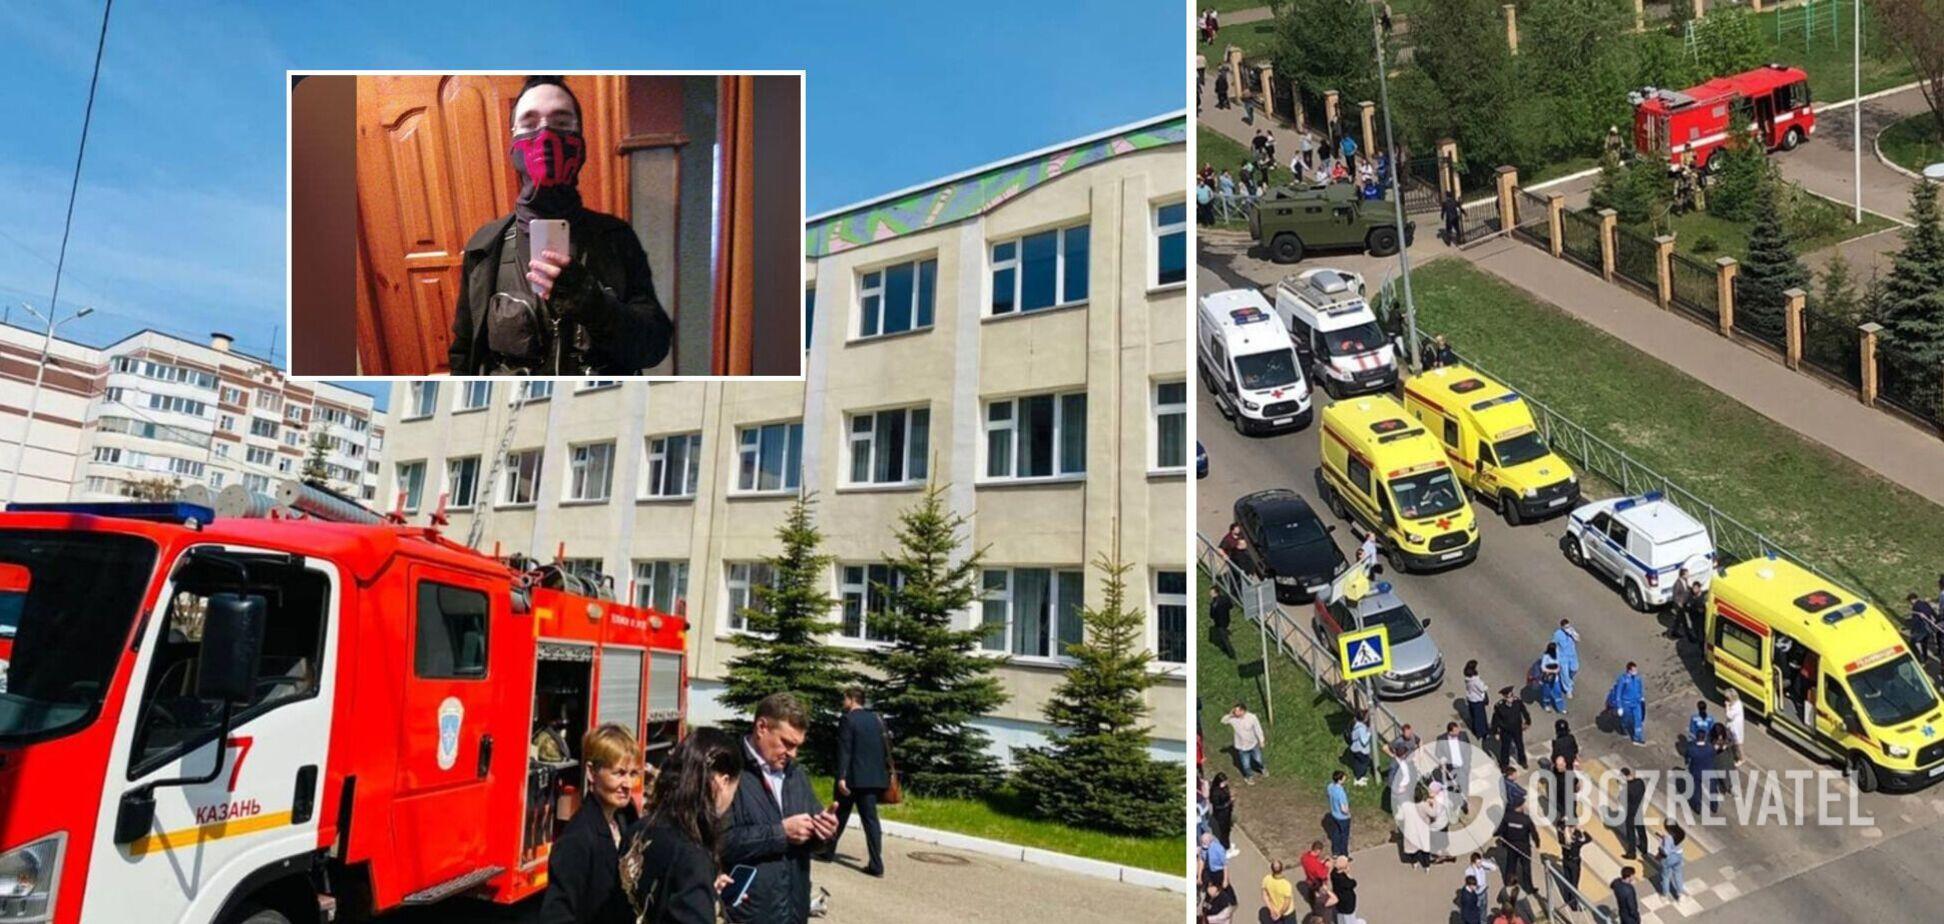 Стрілок, який влаштував бійню в школі Казані, попереджав про розправу в соцмережах